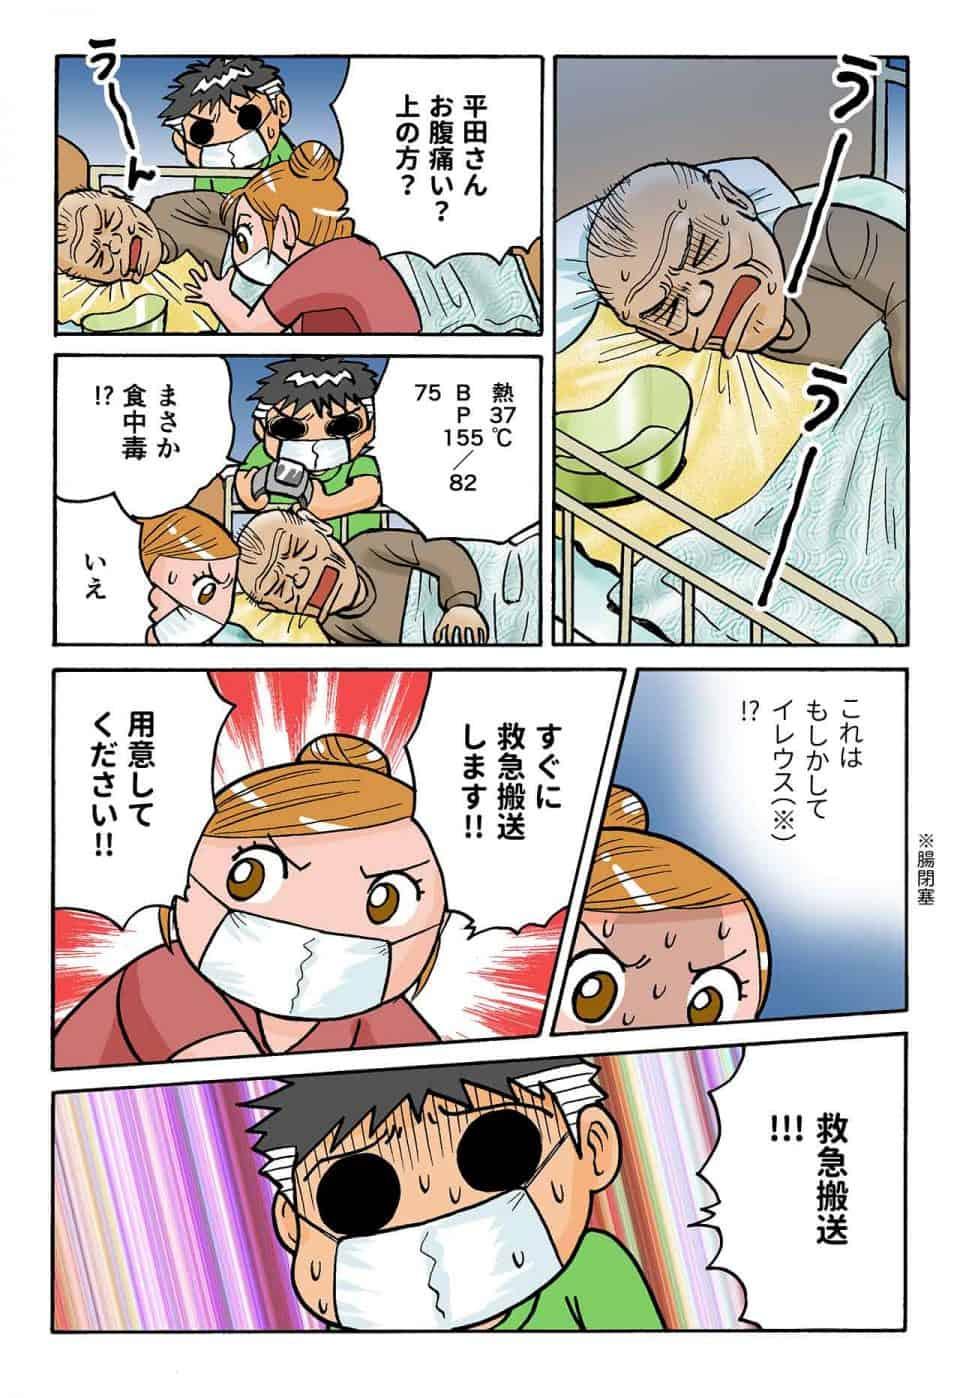 介護施設の夜勤で救急搬送_介護漫画_八万介助_11-2